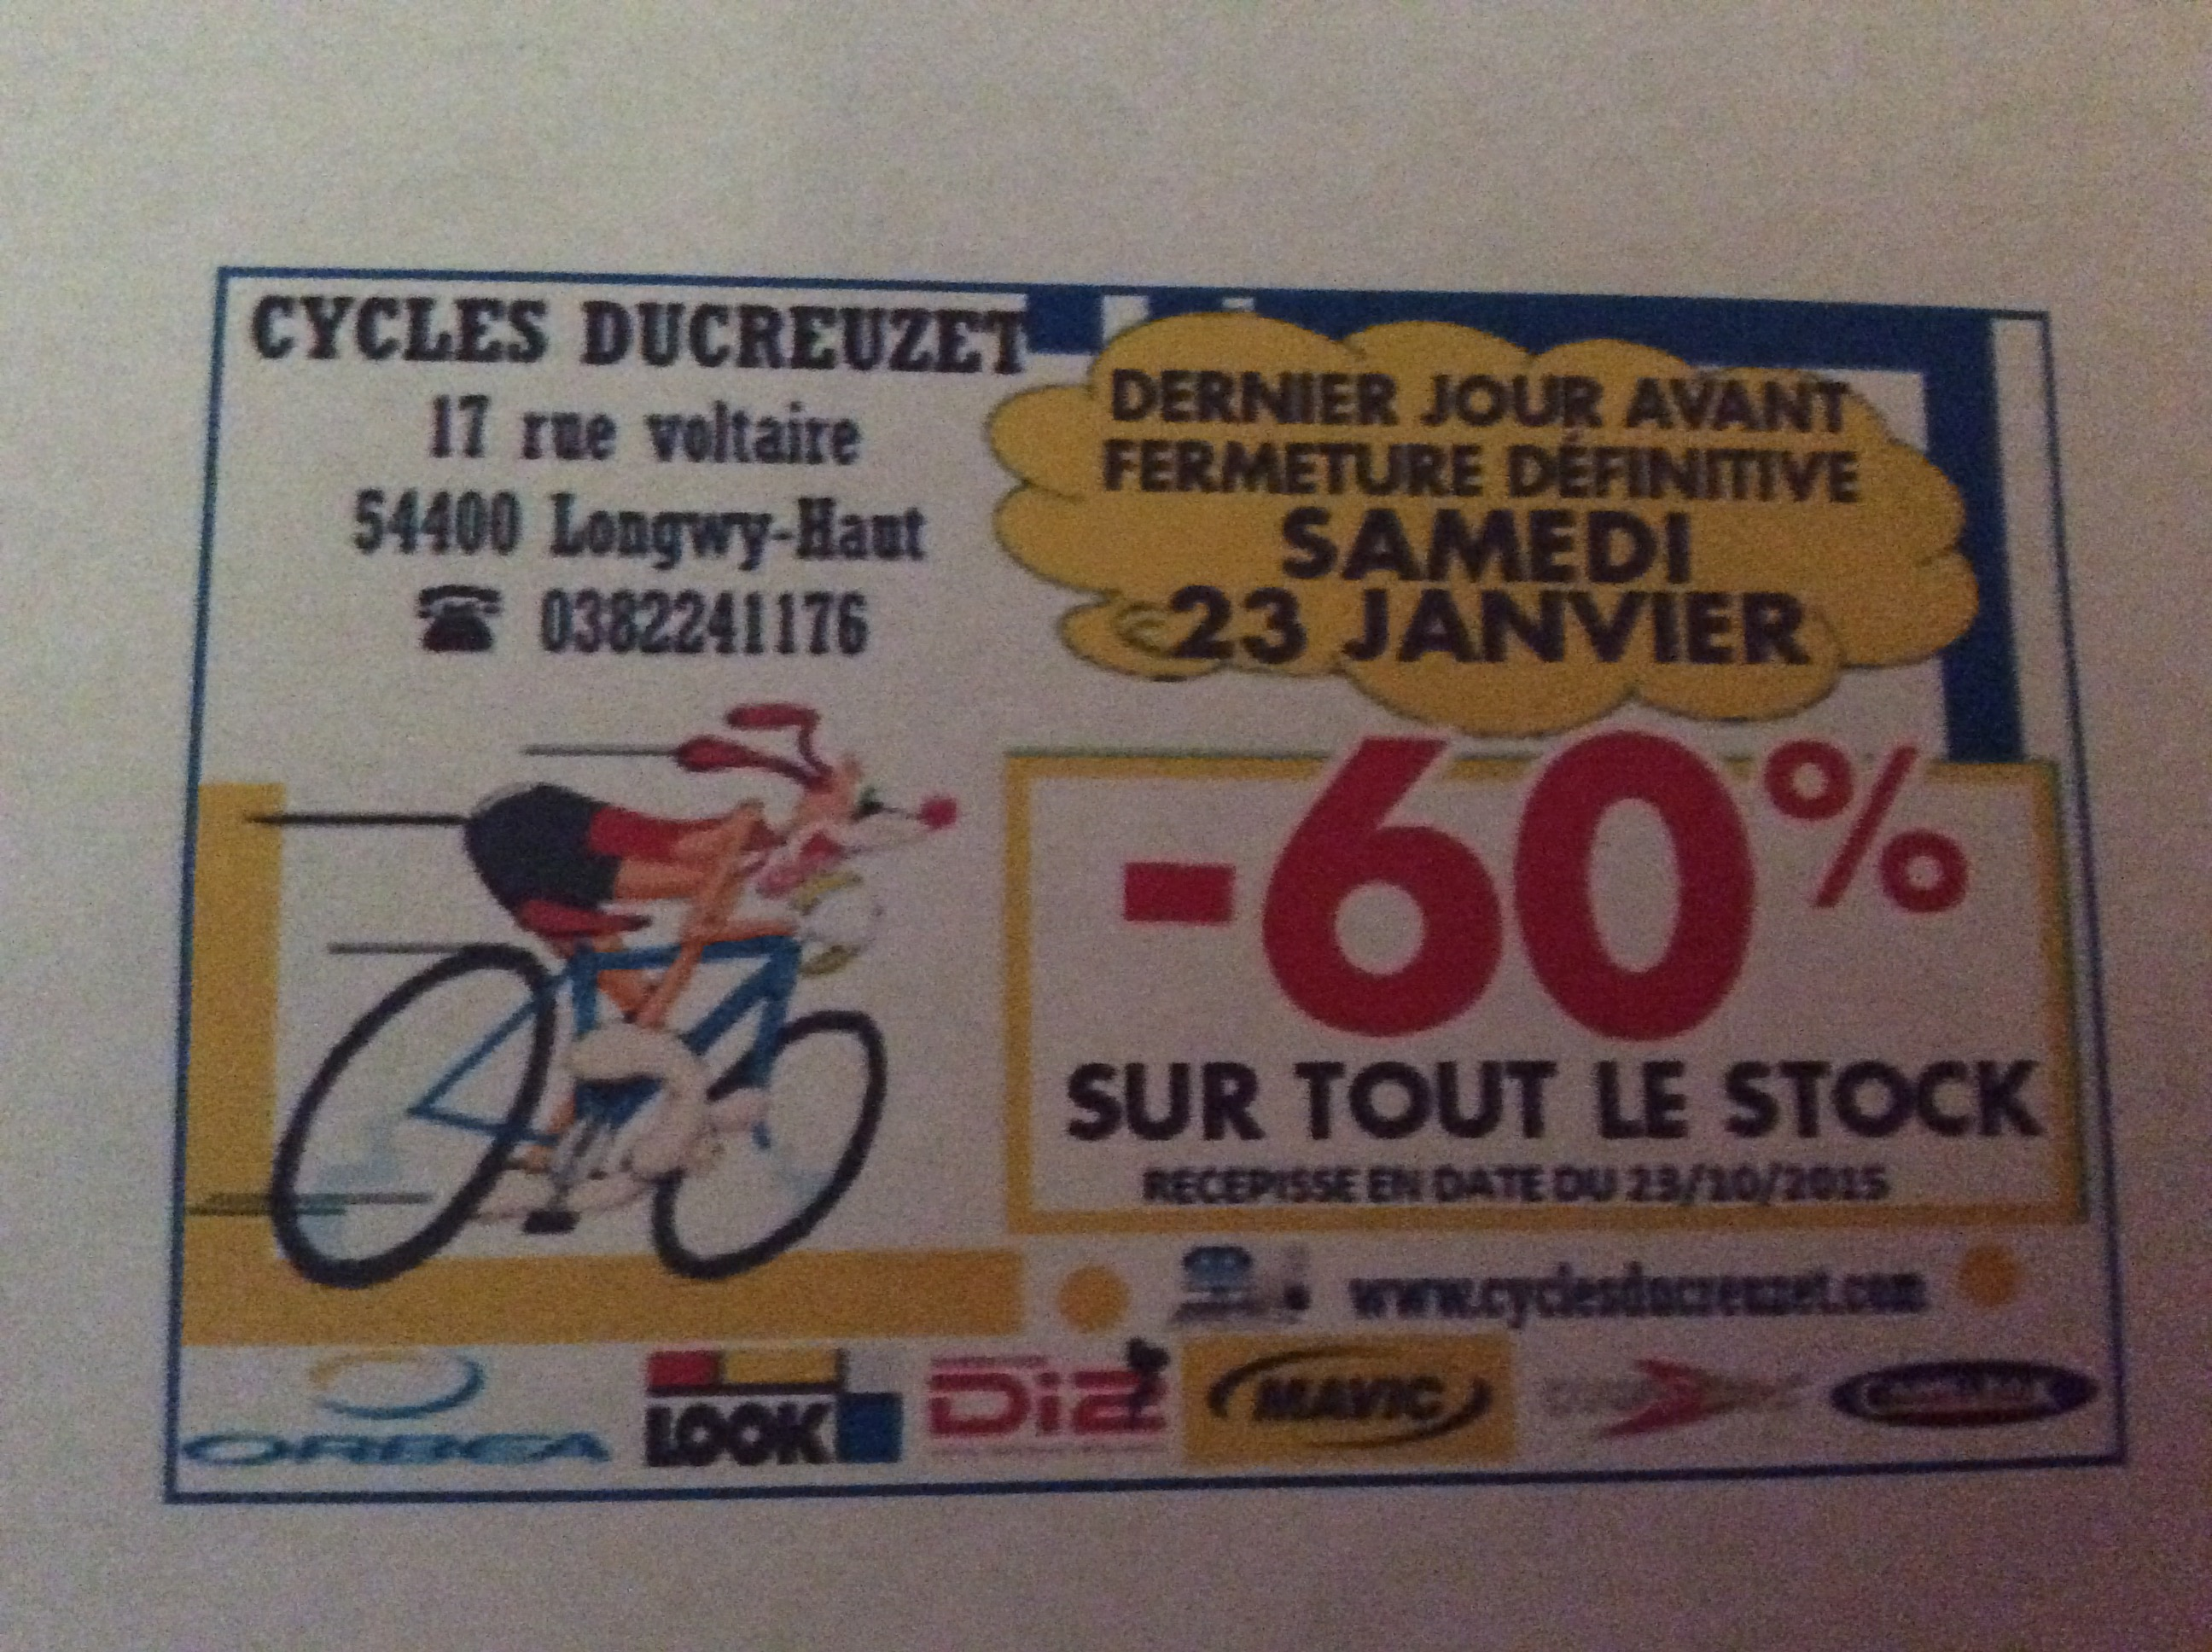 Cycles Ducreuzet à Longwy – Samedi 23 janvier – Liquidation totale